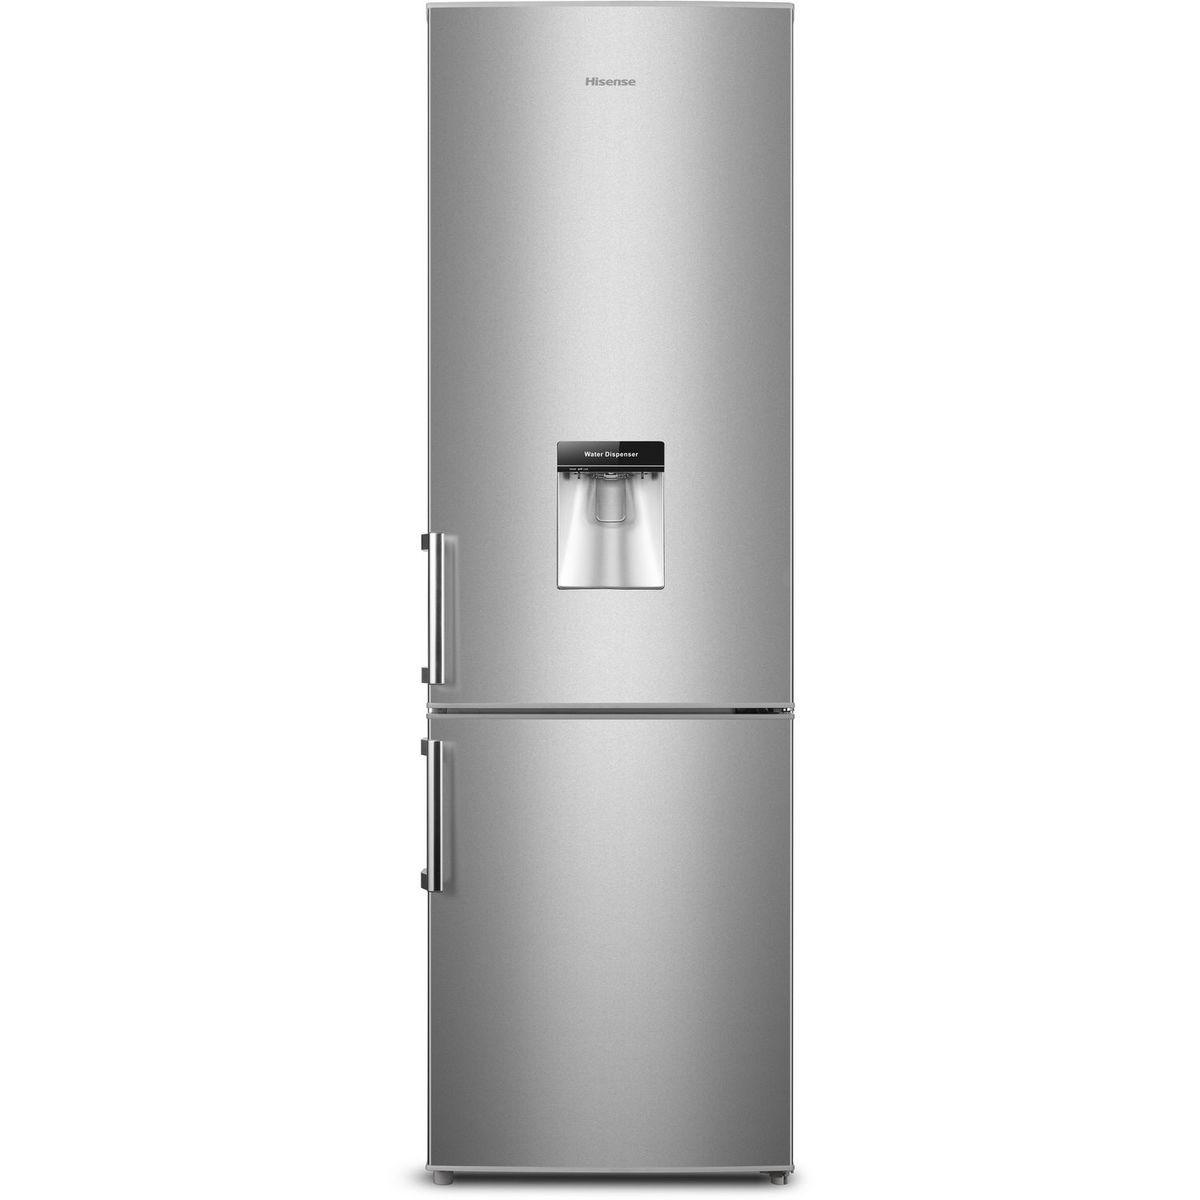 Réfrigérateur combiné MC55264DS, 268 L, Froid statique